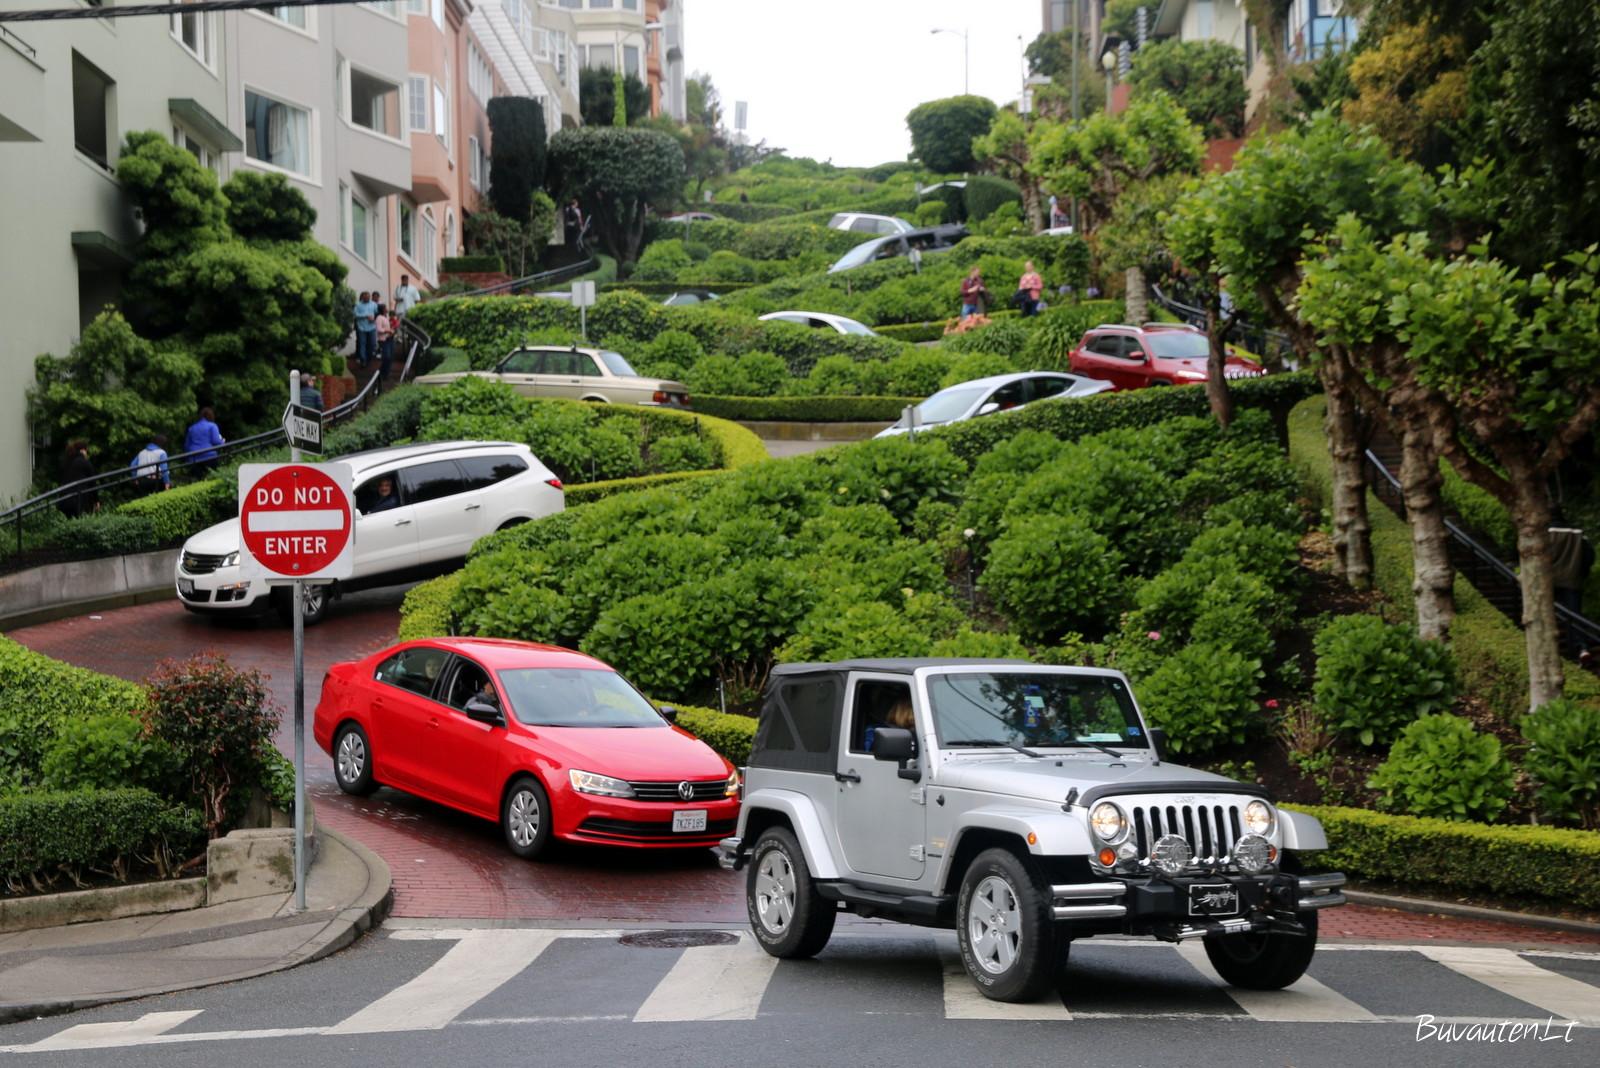 Lombard gatvė – labiausiai vingiuota gatvė pasaulyje